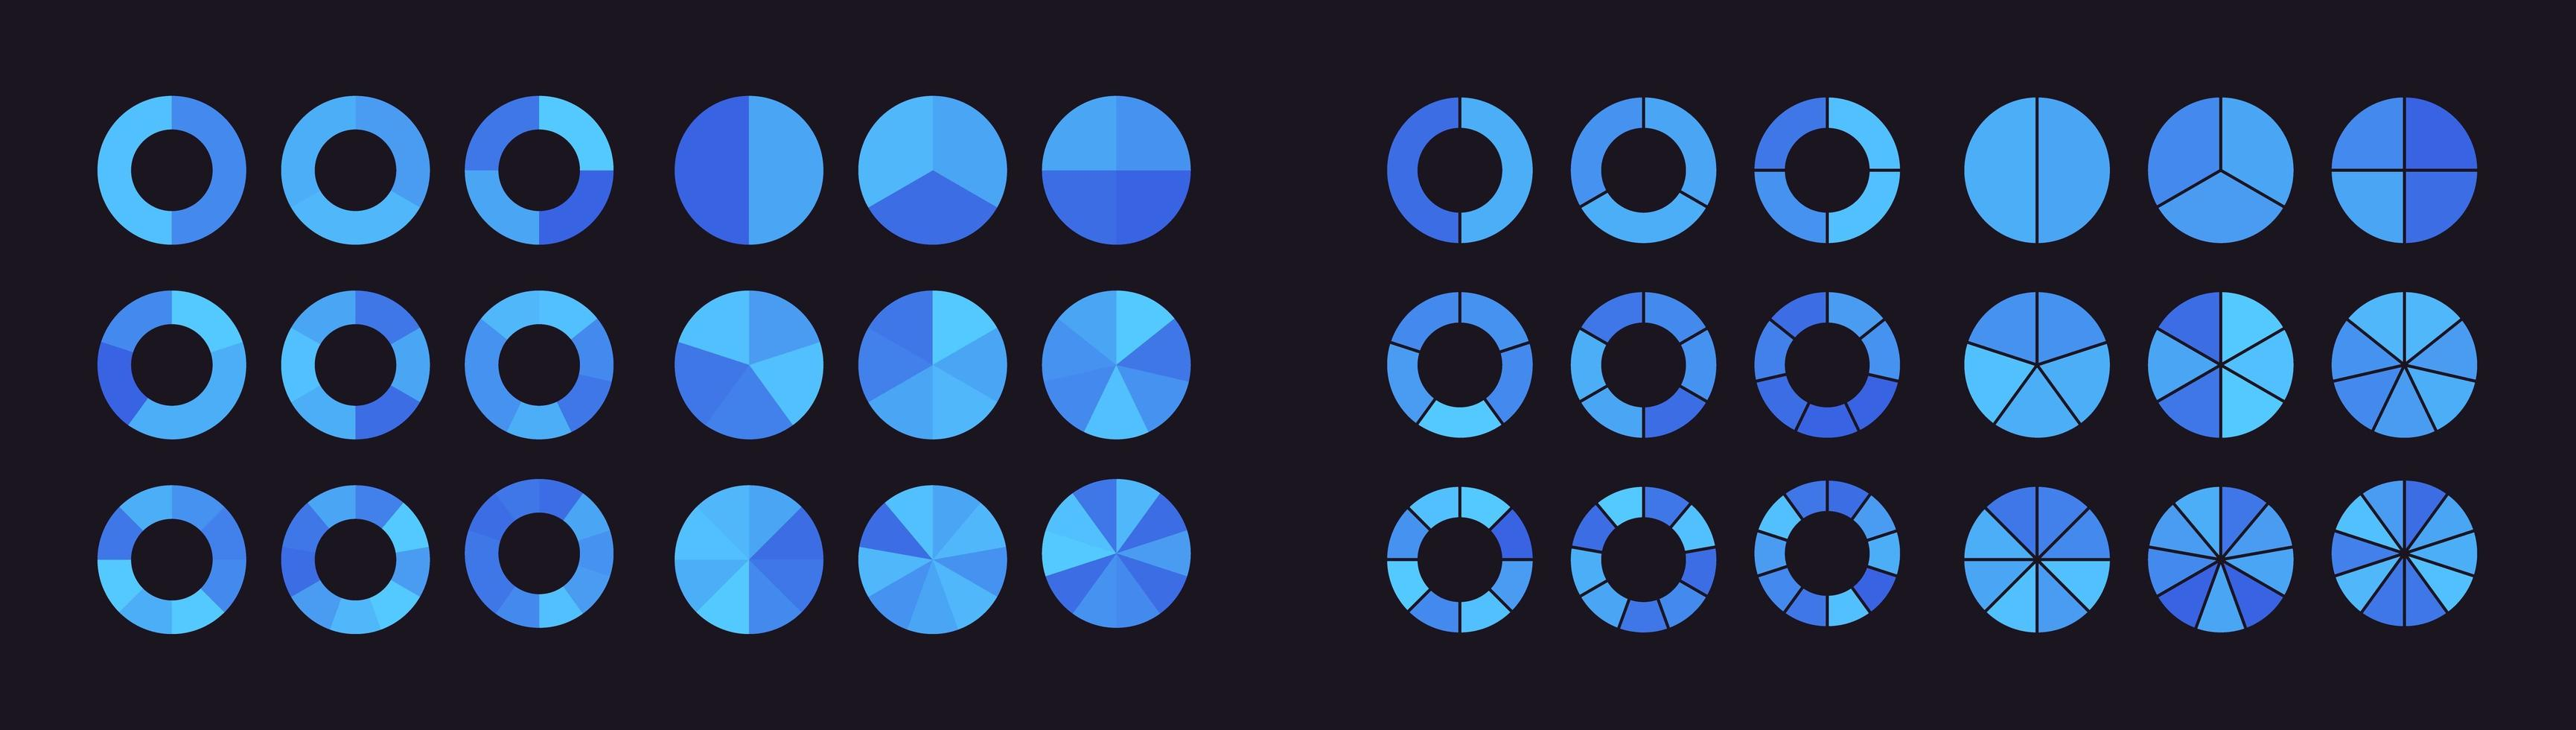 samling av cirkeldiagram uppdelade i delar eller sektorer vektor